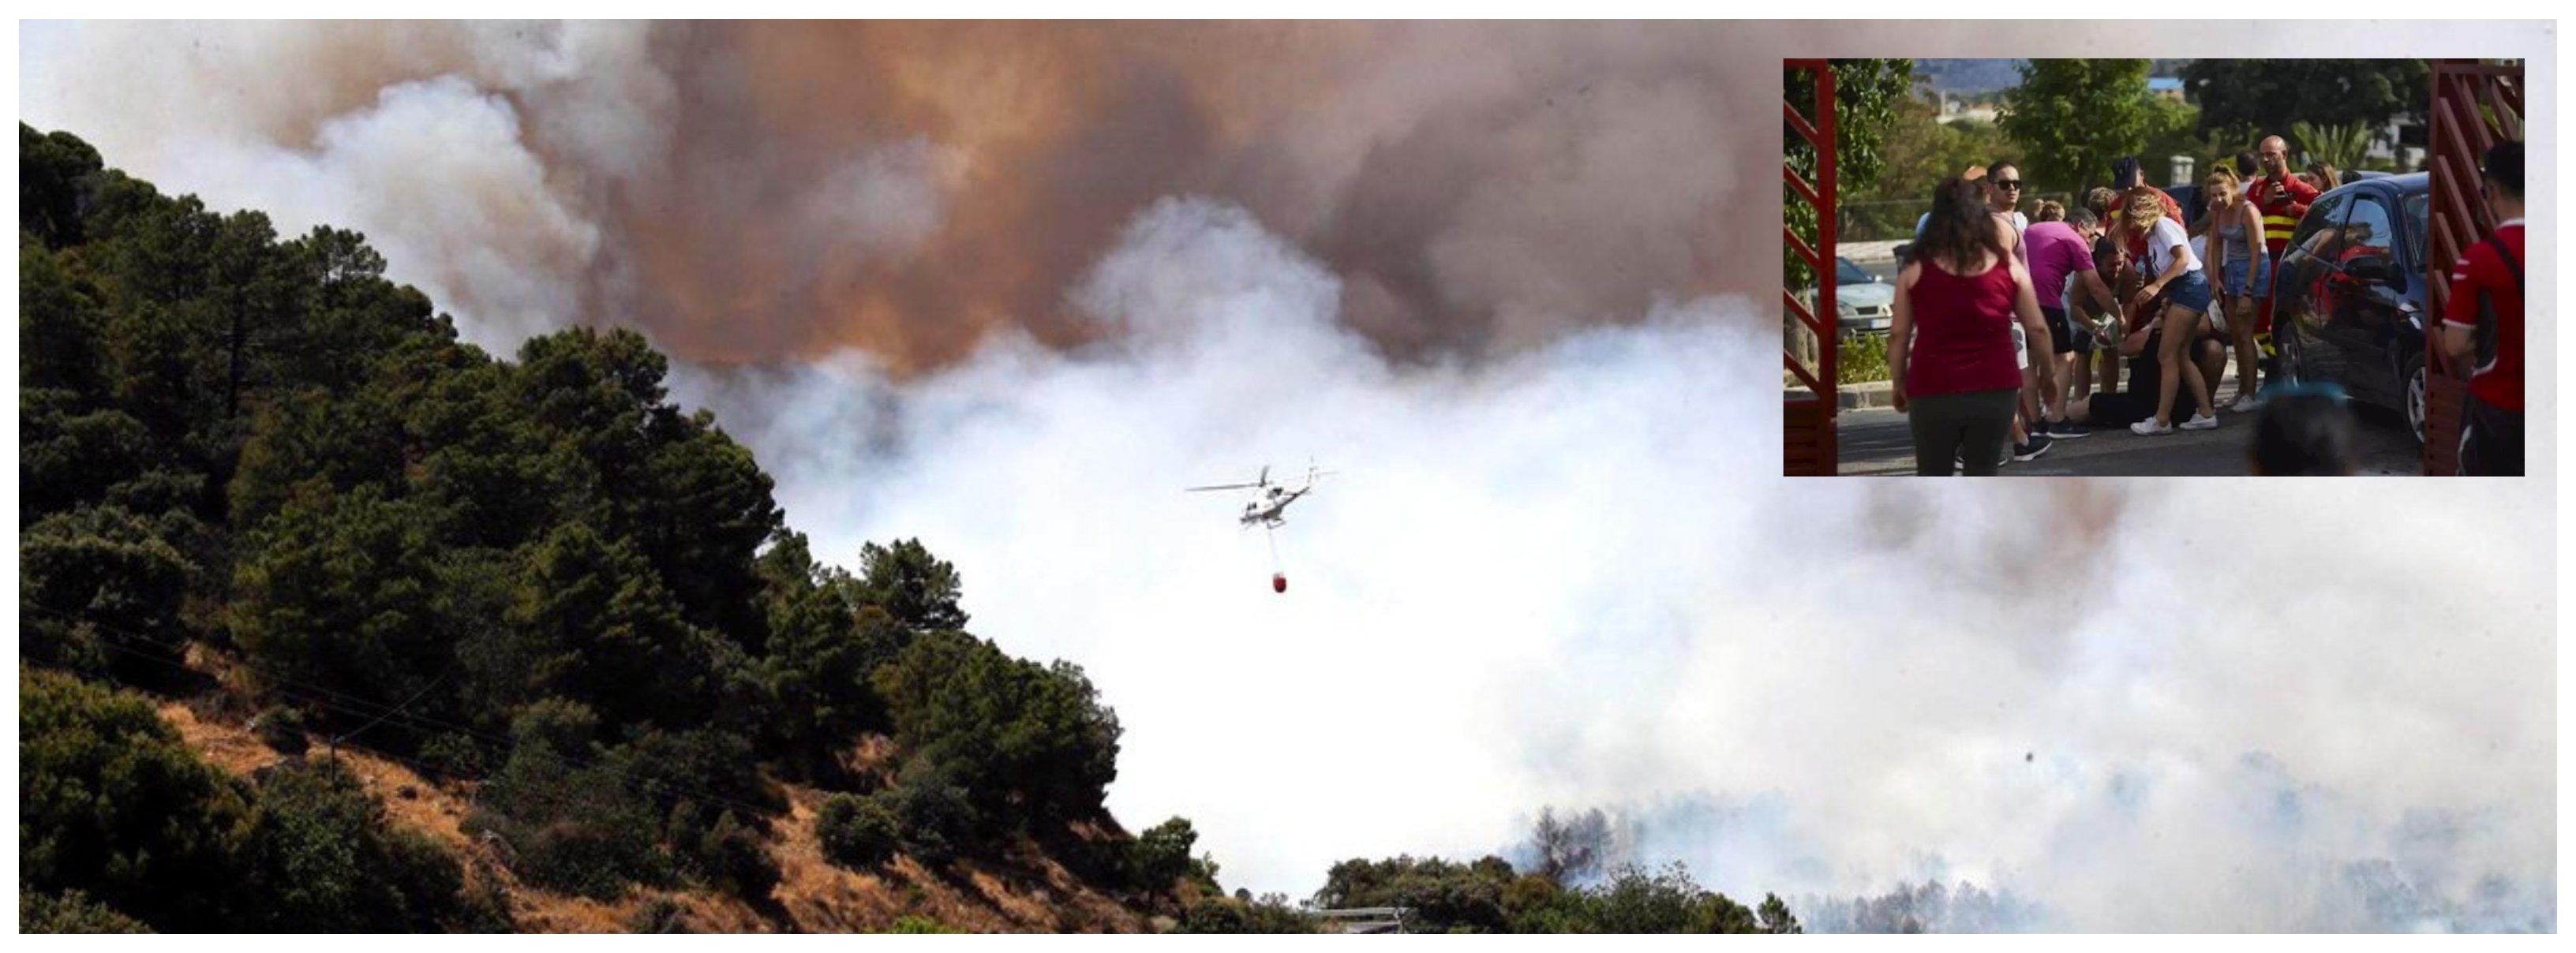 El incendio en Cadalso de los Vidrios ha generado una batalla entre animalistas y vecinos